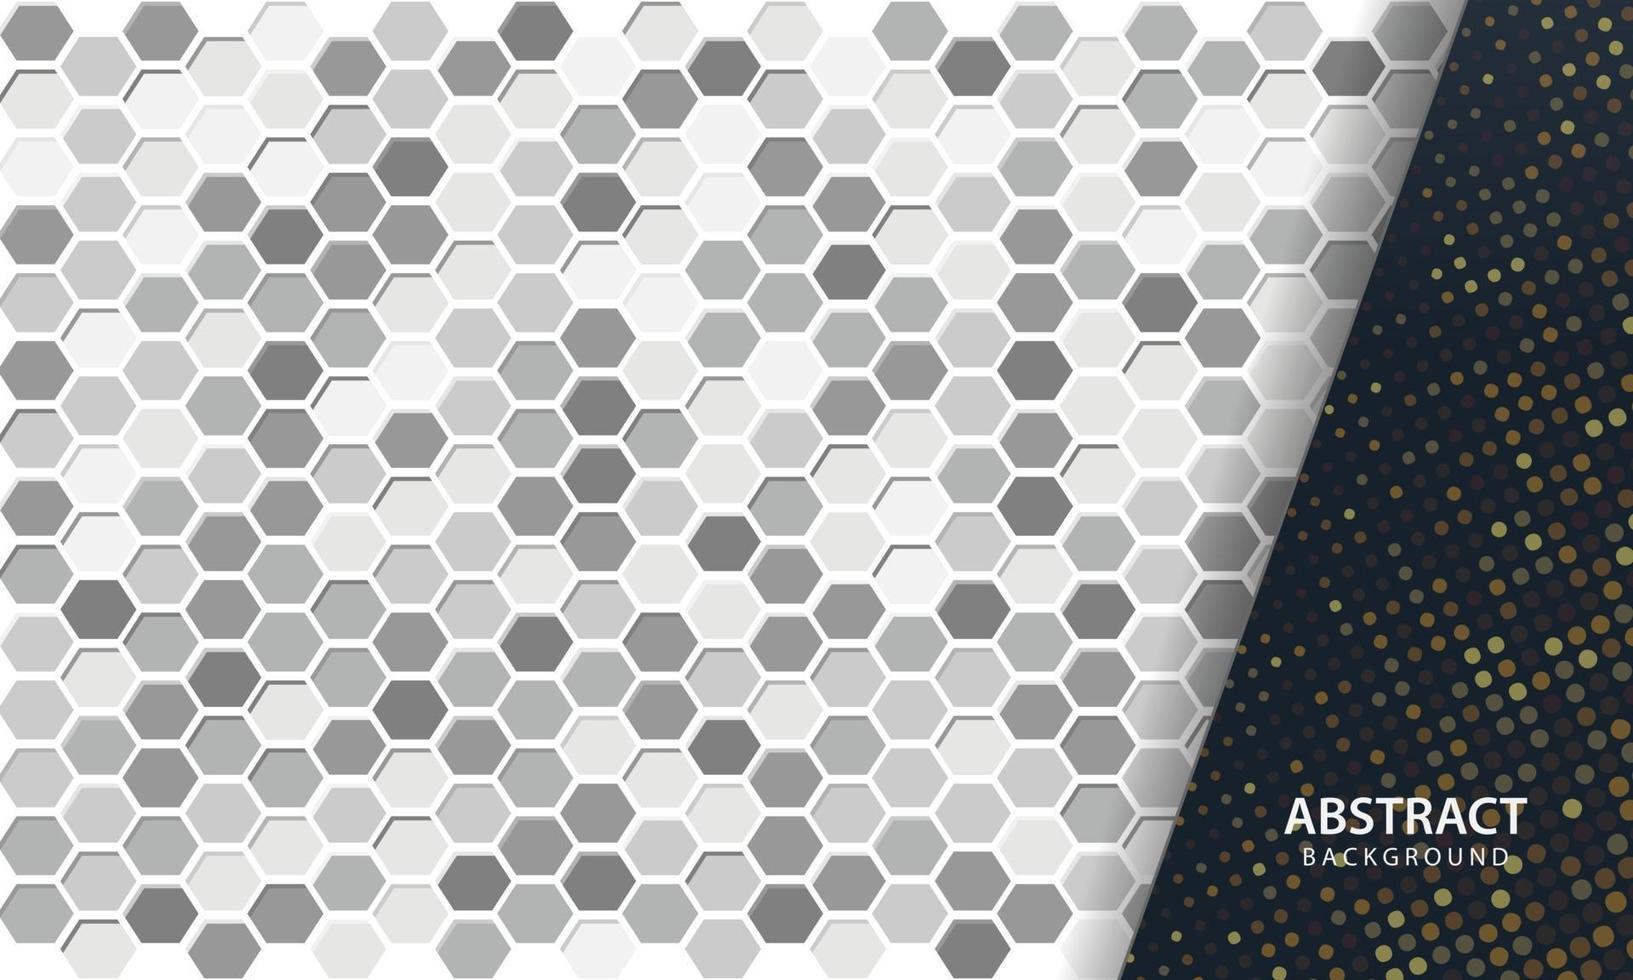 dunkler abstrakter Hintergrund mit schwarzen Überlappungsebenen. Textur mit sechseckigem strukturiertem Hintergrund. vektor